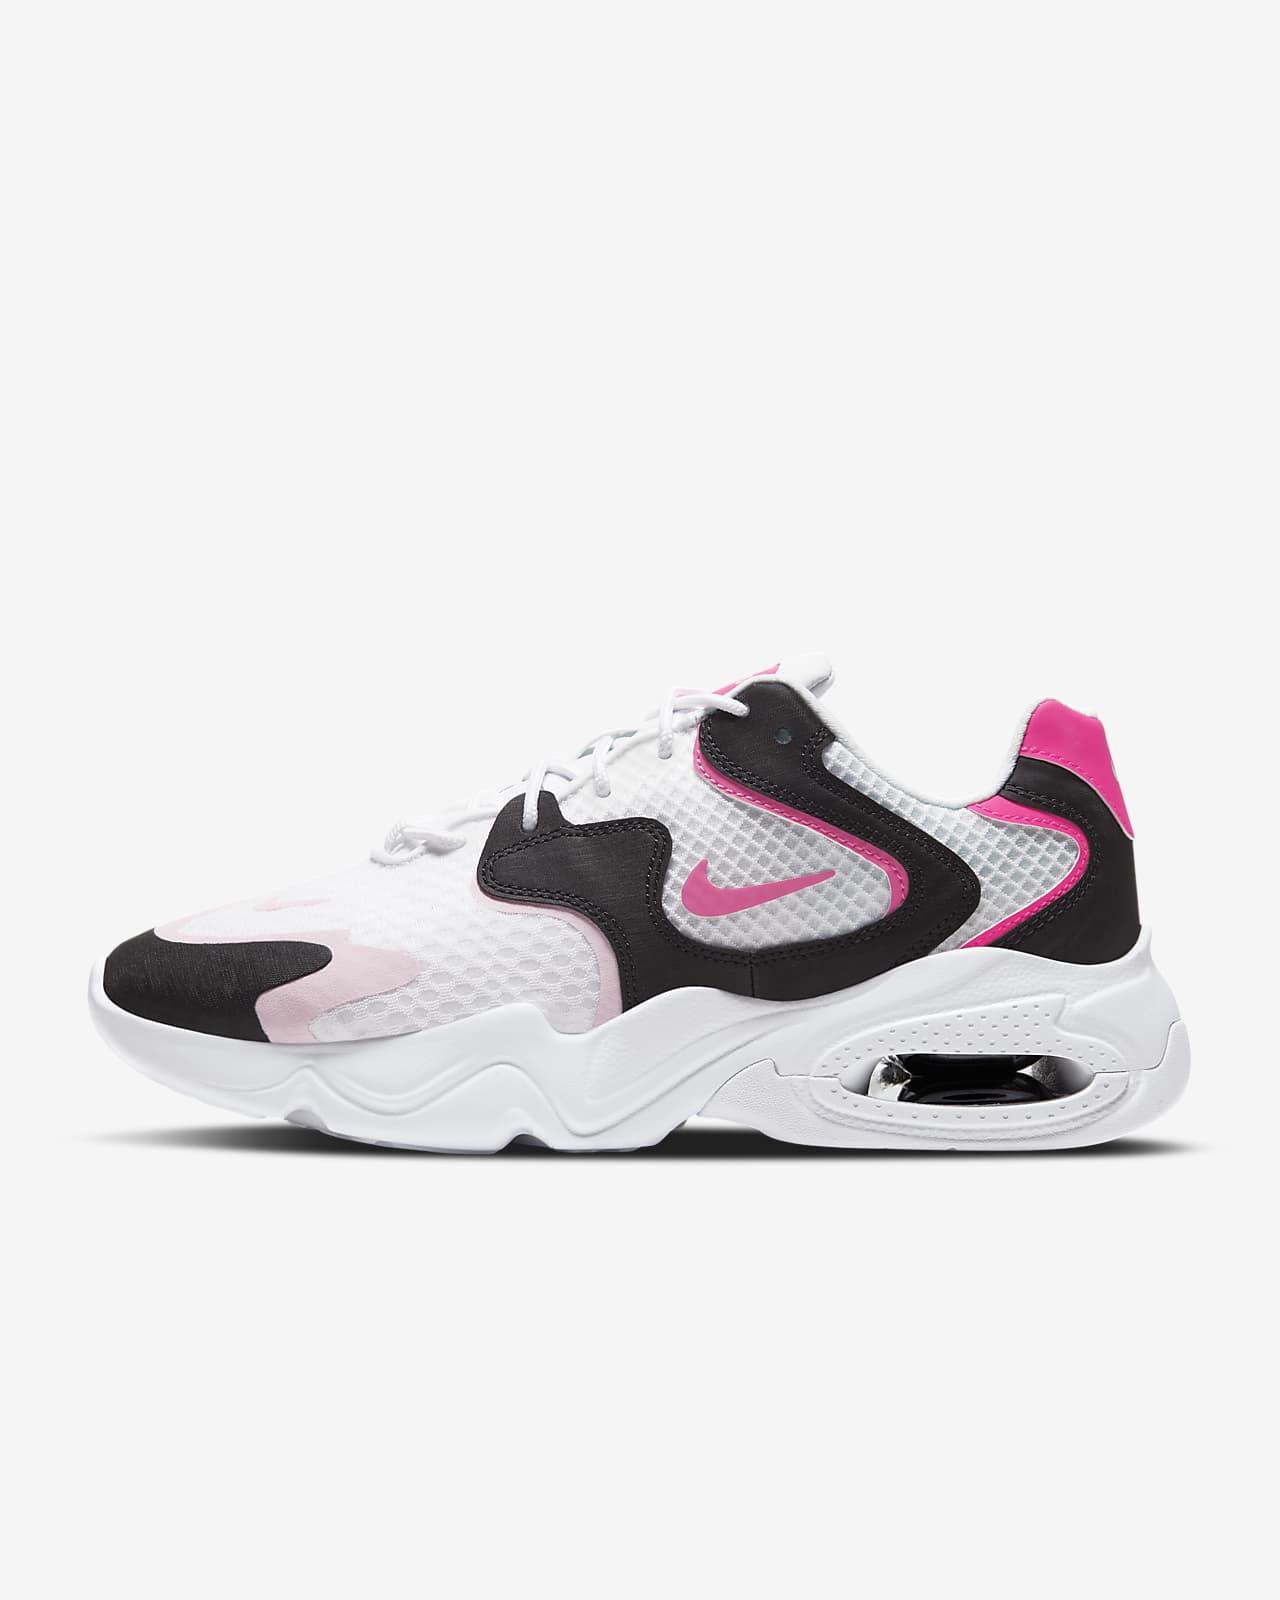 nike femme chaussures air max